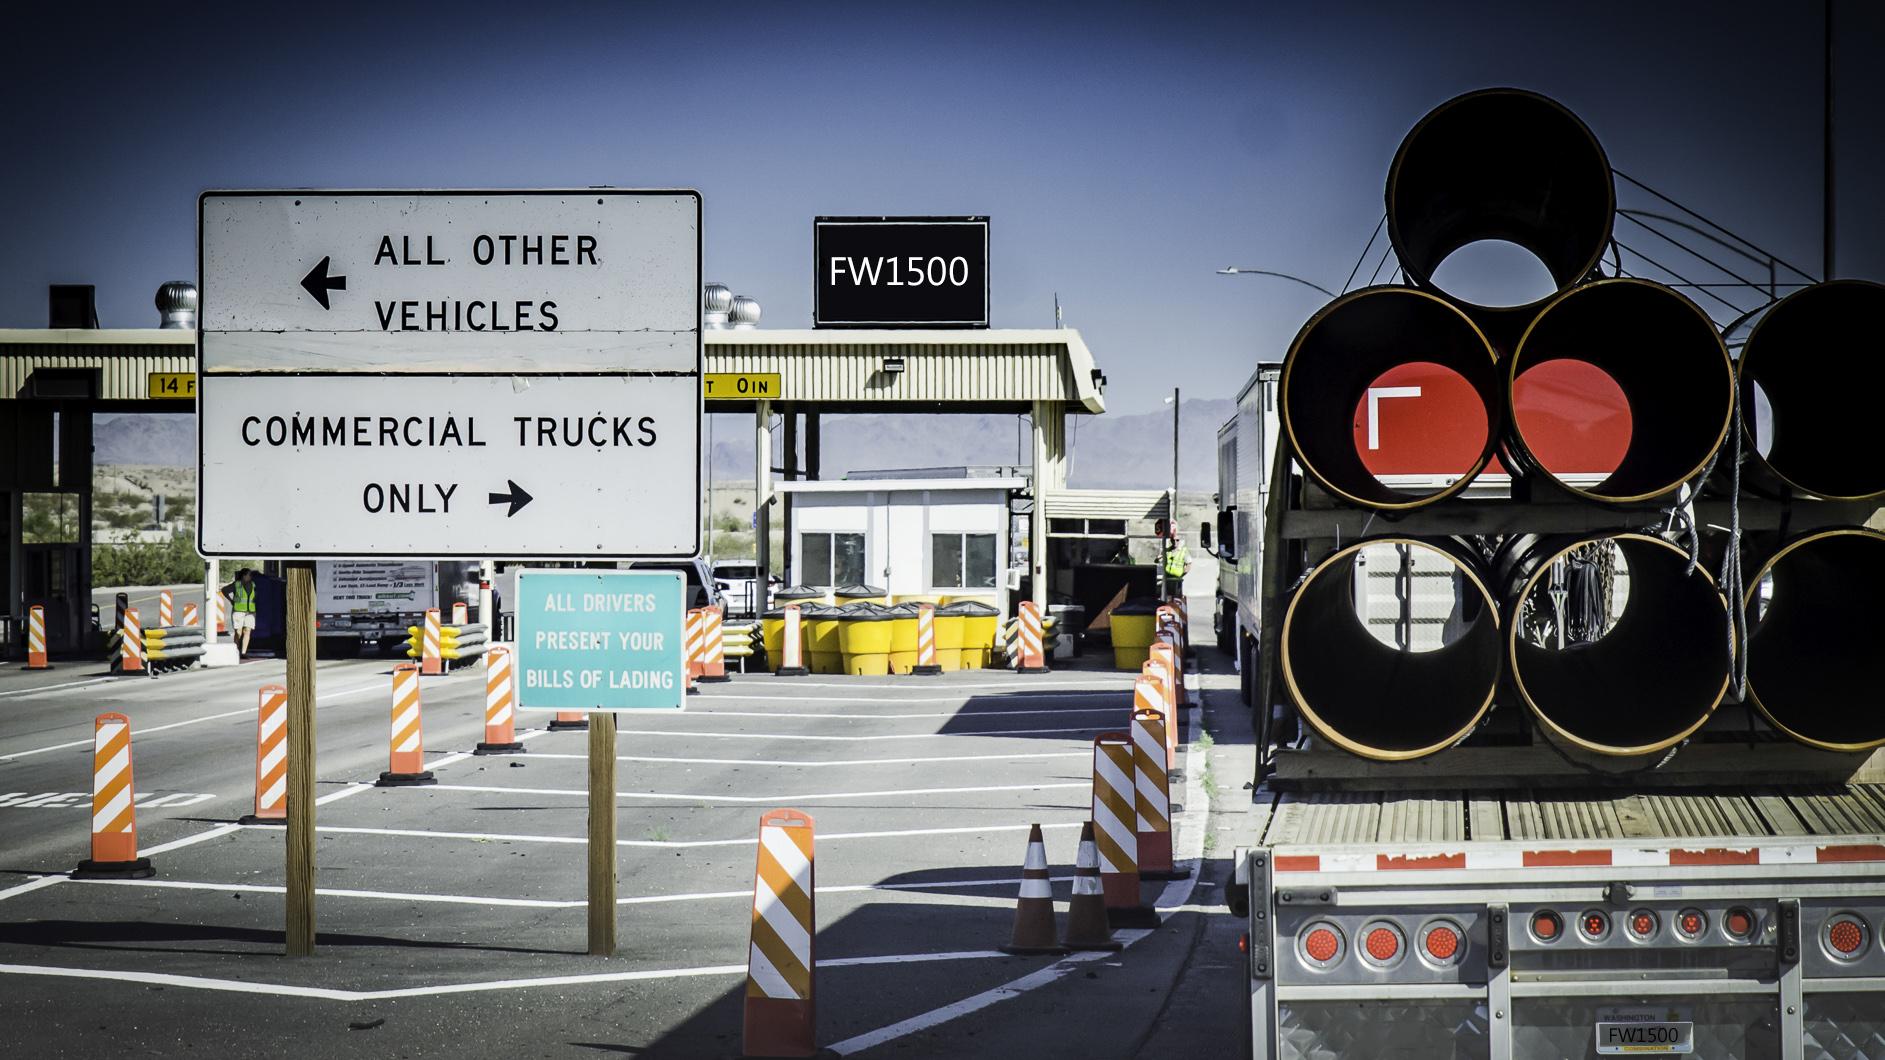 Truck_Scaled_Cleared.jpg